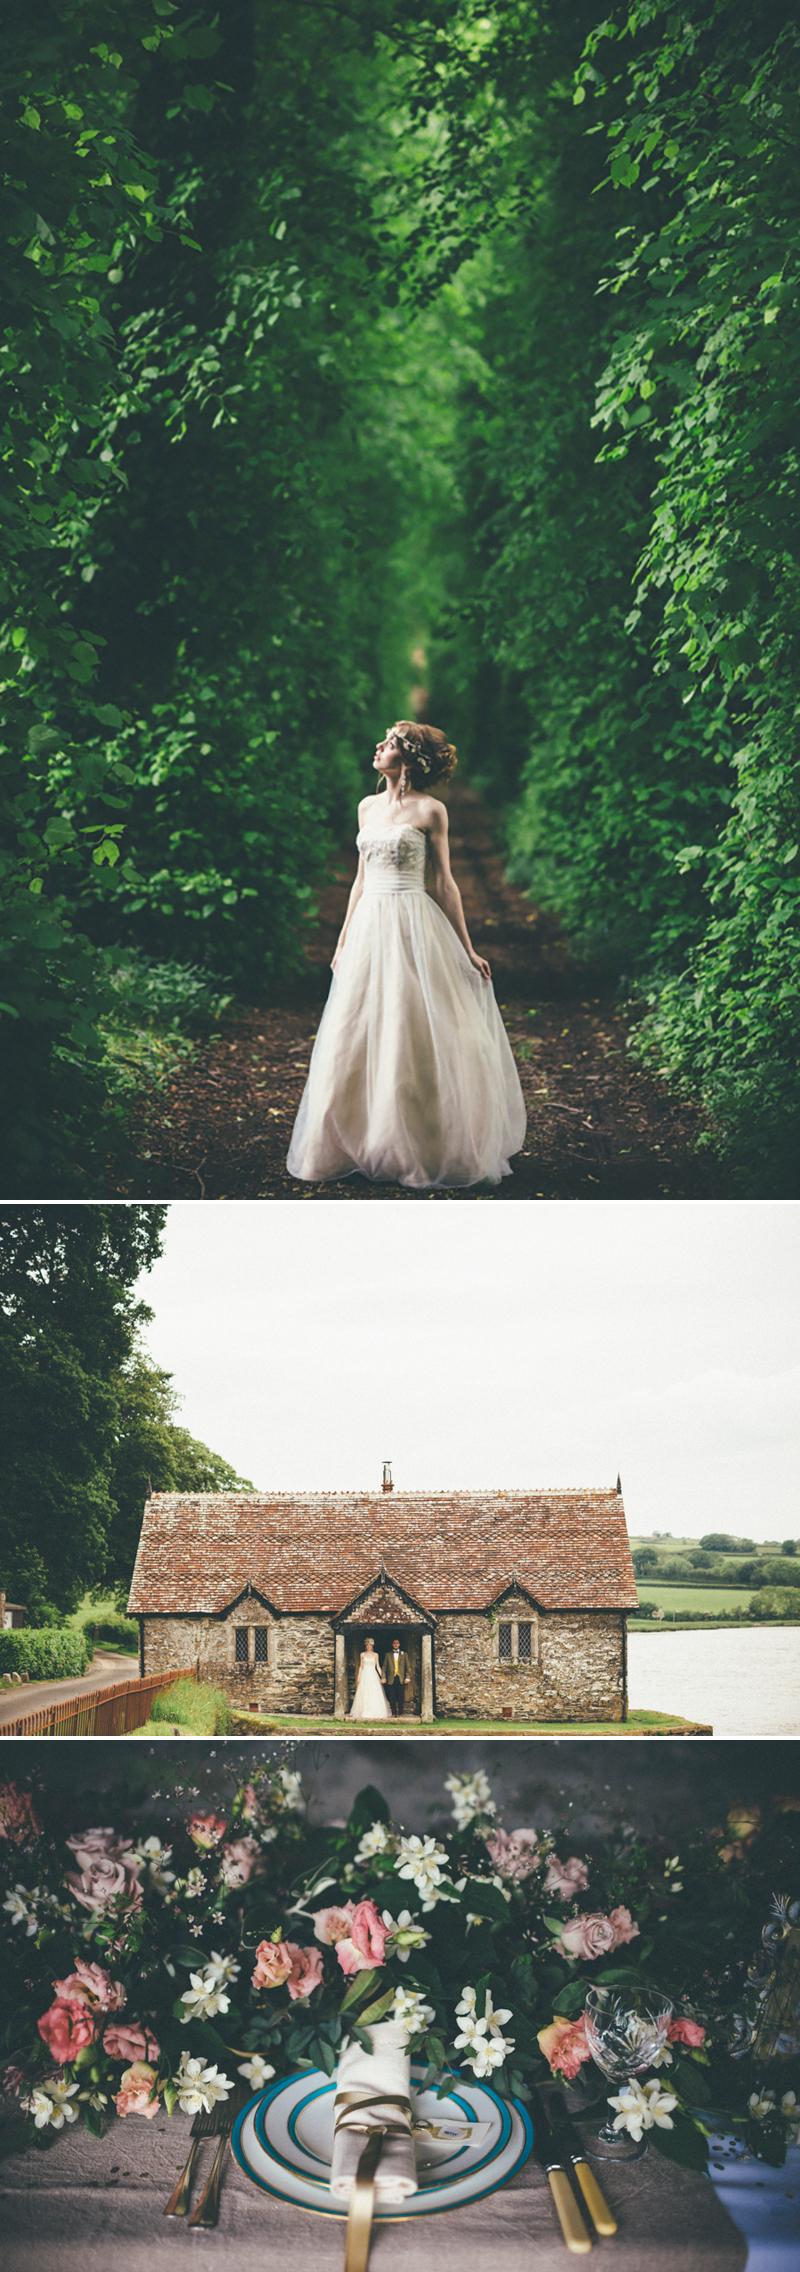 coco-wedding-venues-pentillie-castle-cornwall-elegant-bride-wedding-fair-october-2014-1